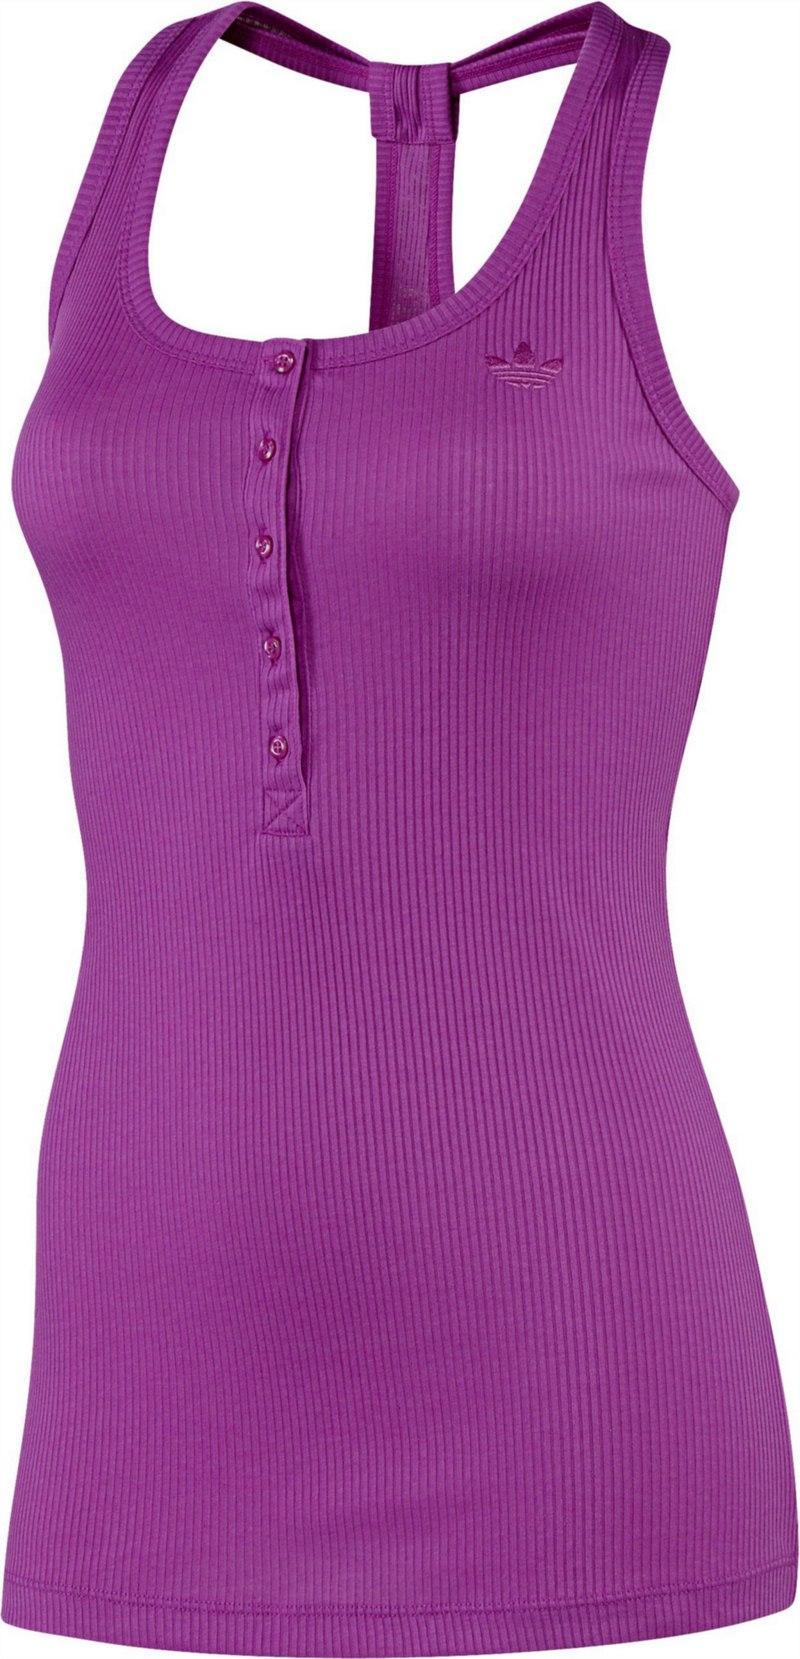 koszulka Adidas w kolorze fioletowym - wiosna/lato 2013